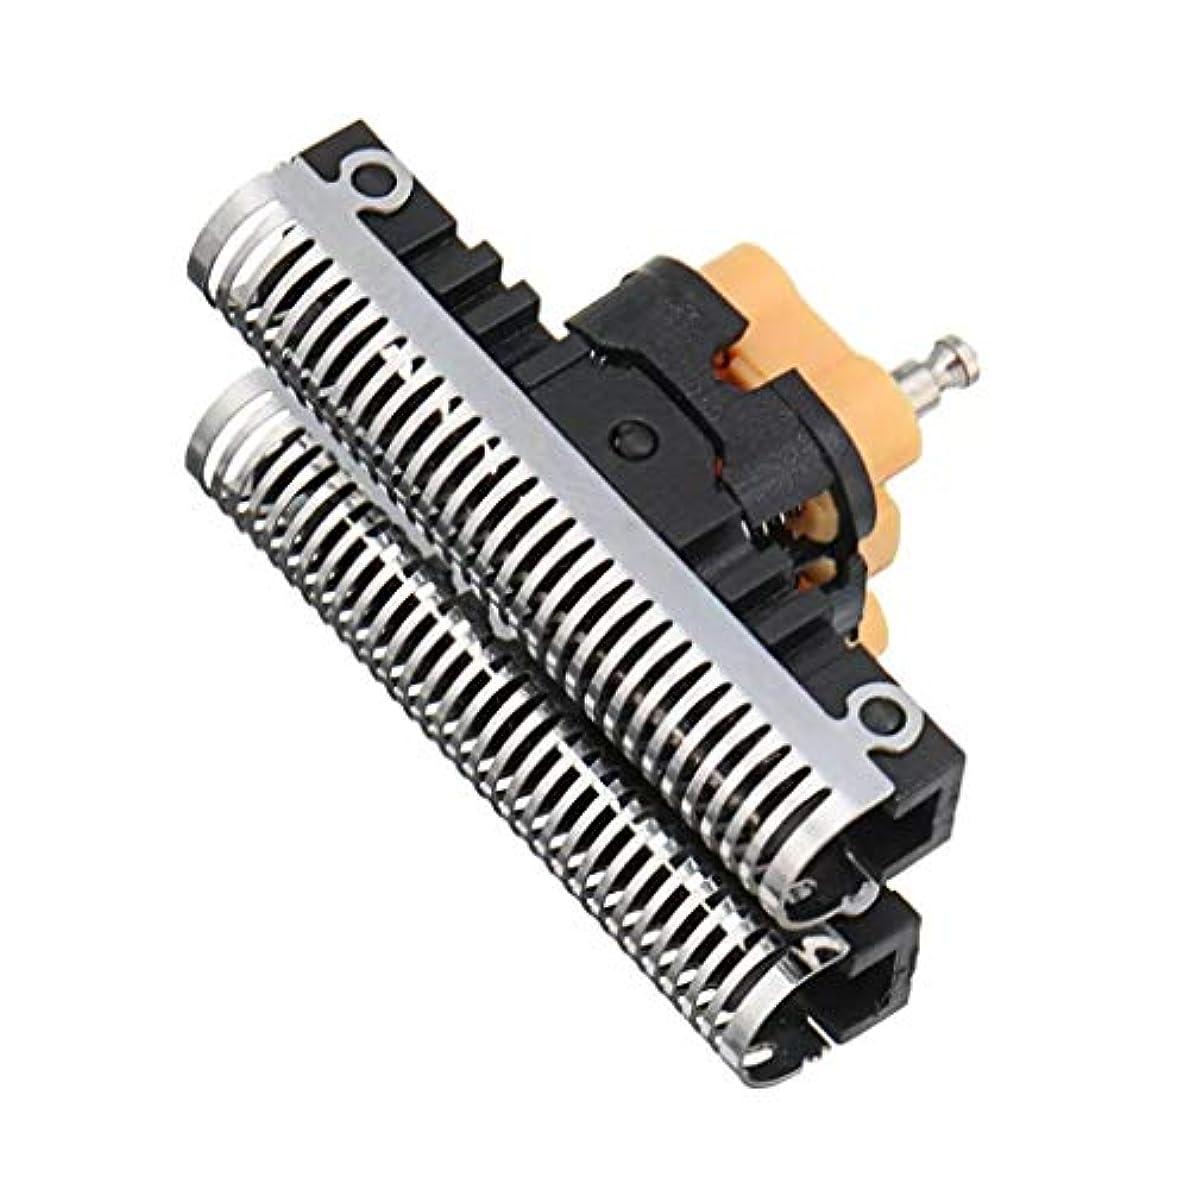 トリッキー傾く販売計画シェーバー ヘッド 替え刃 カミソリ ヘッド メンズ シェーバー替刃 と 1個 シェーバー フォイル Braun 51Sモデルとの互換性 (ブラック)